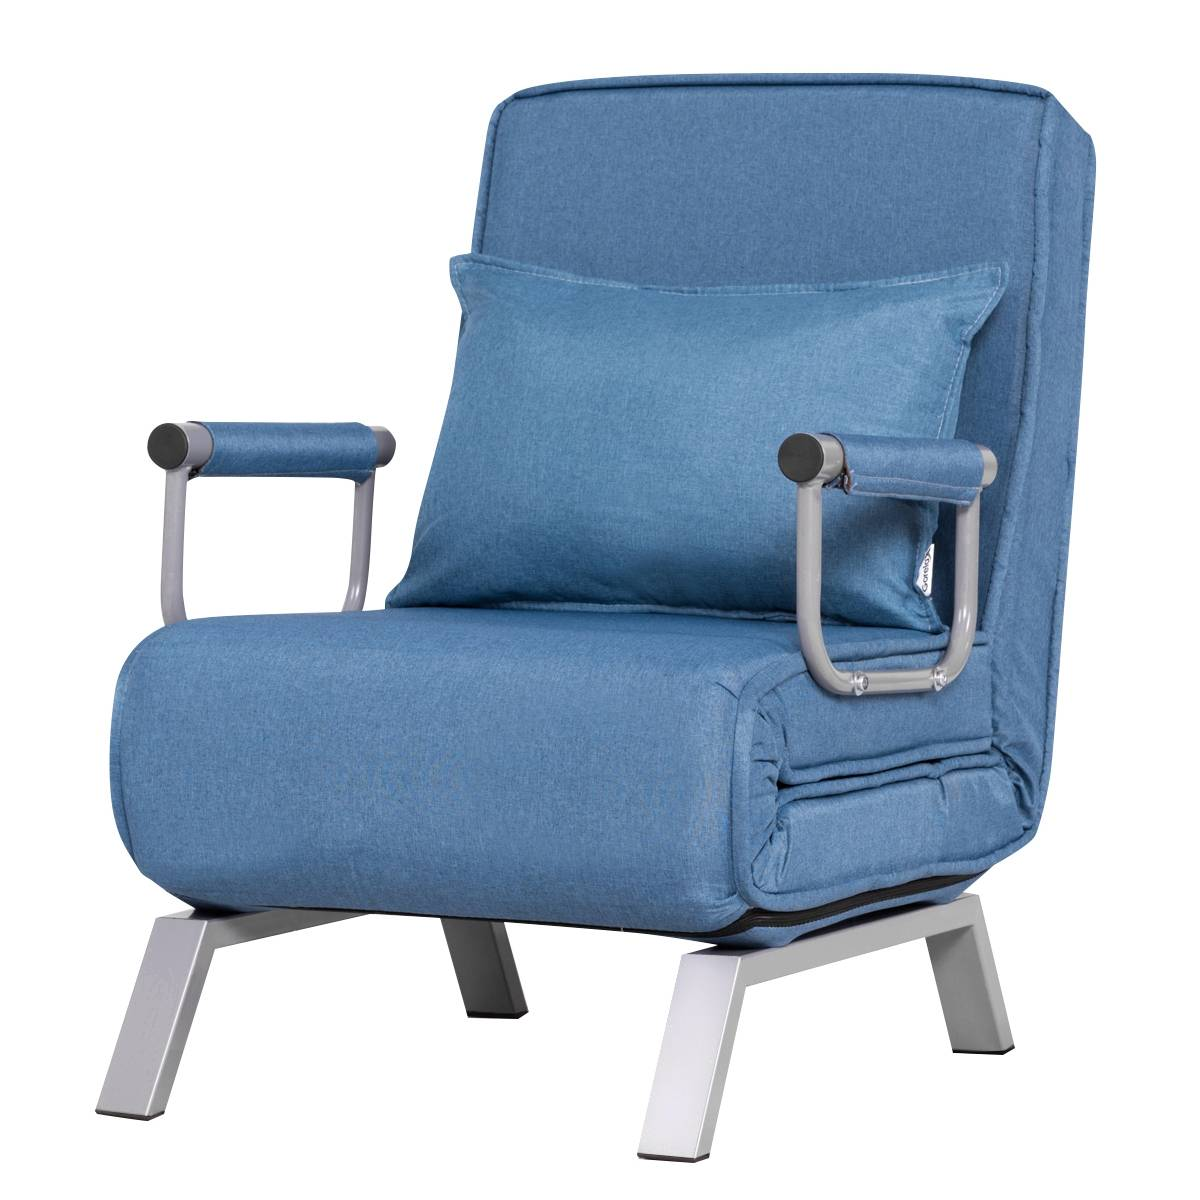 Costway Canapé-Lit Fauteuil Convertible Fauteuil Chauffeuse 1 Place en Tissu Bleu